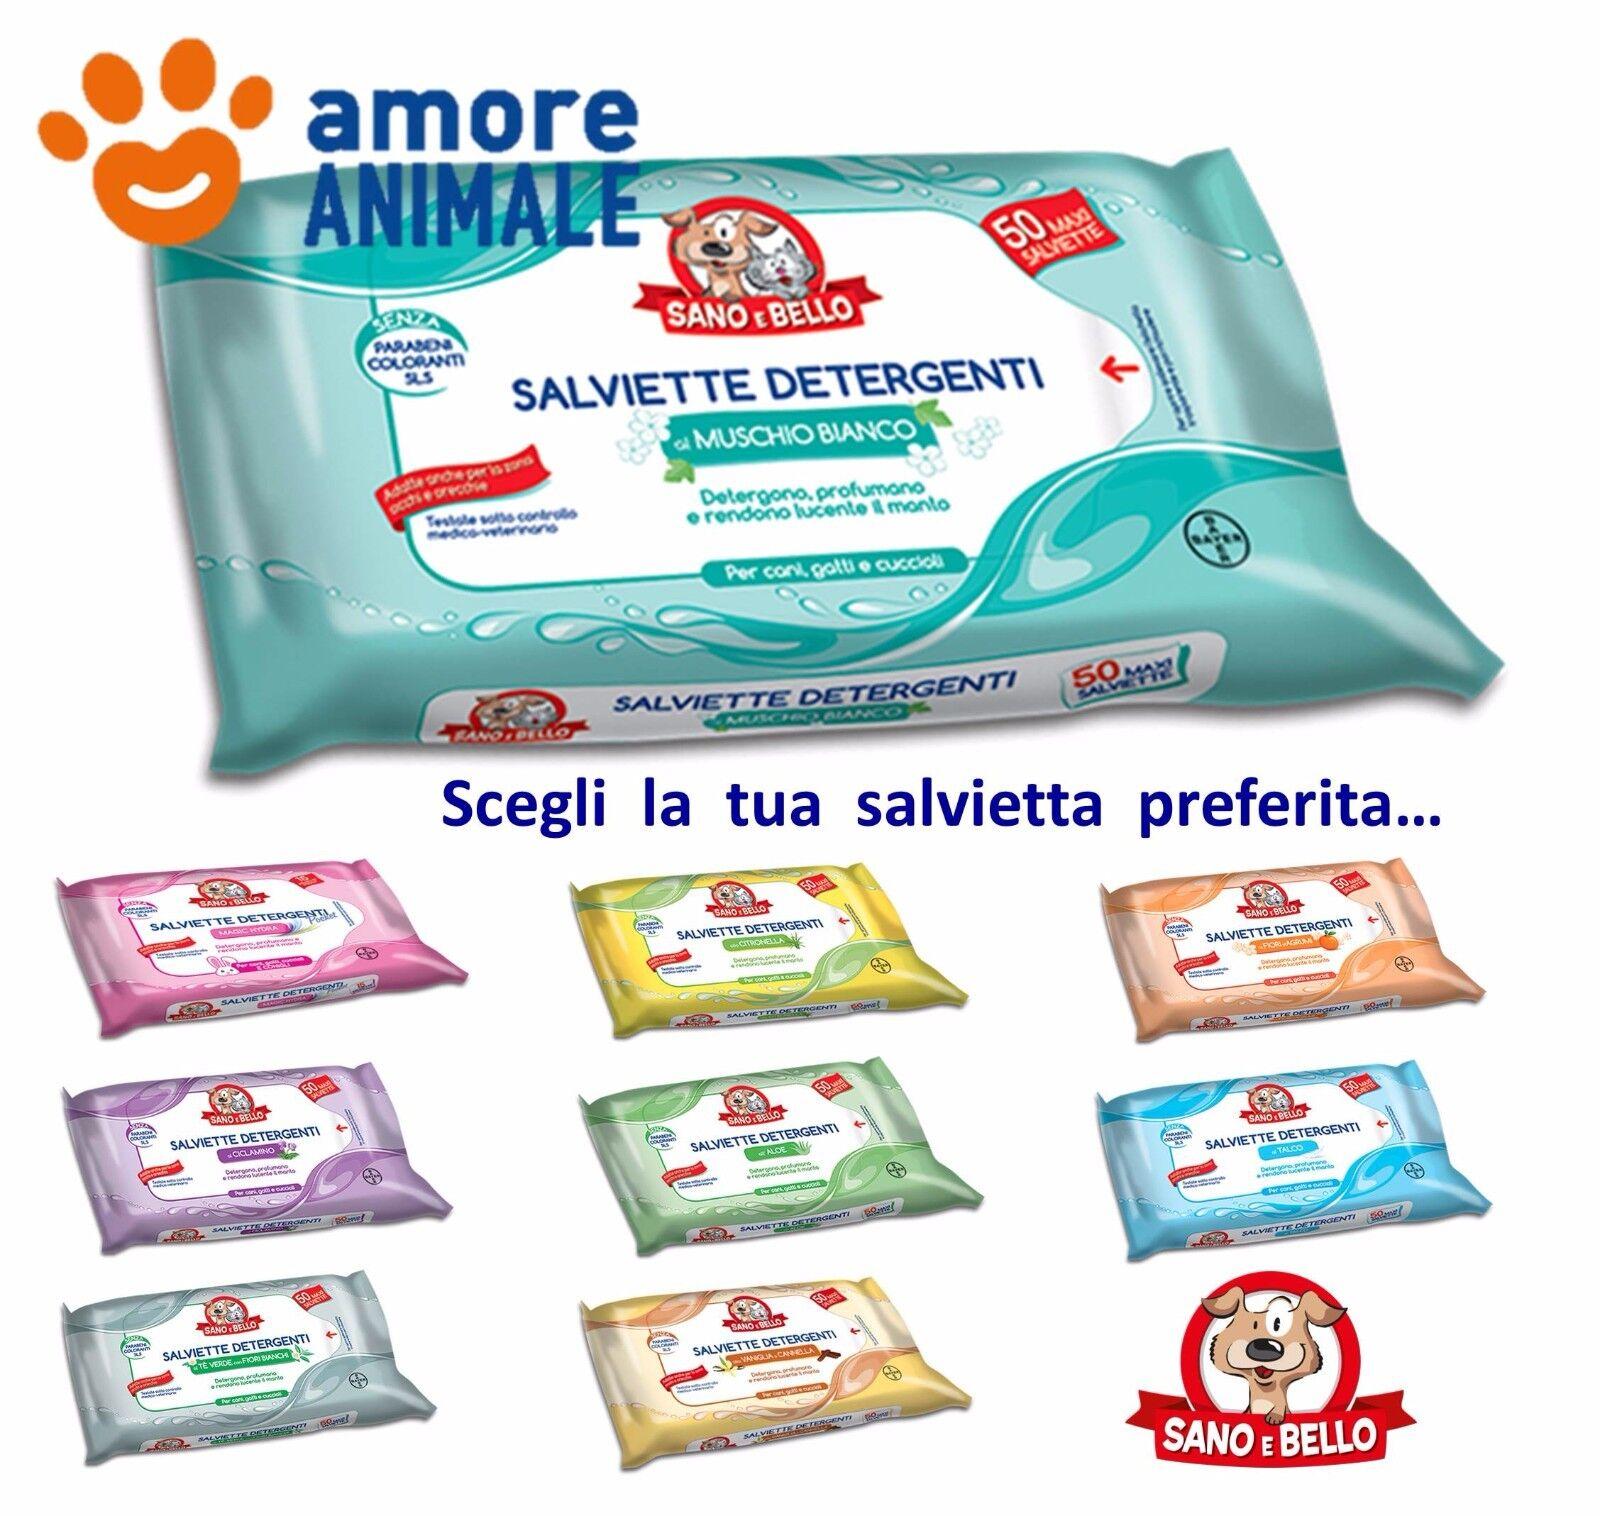 Salviette Detergenti Bayer Sano e Bello - confezione da 50 pz. per cani e gatti